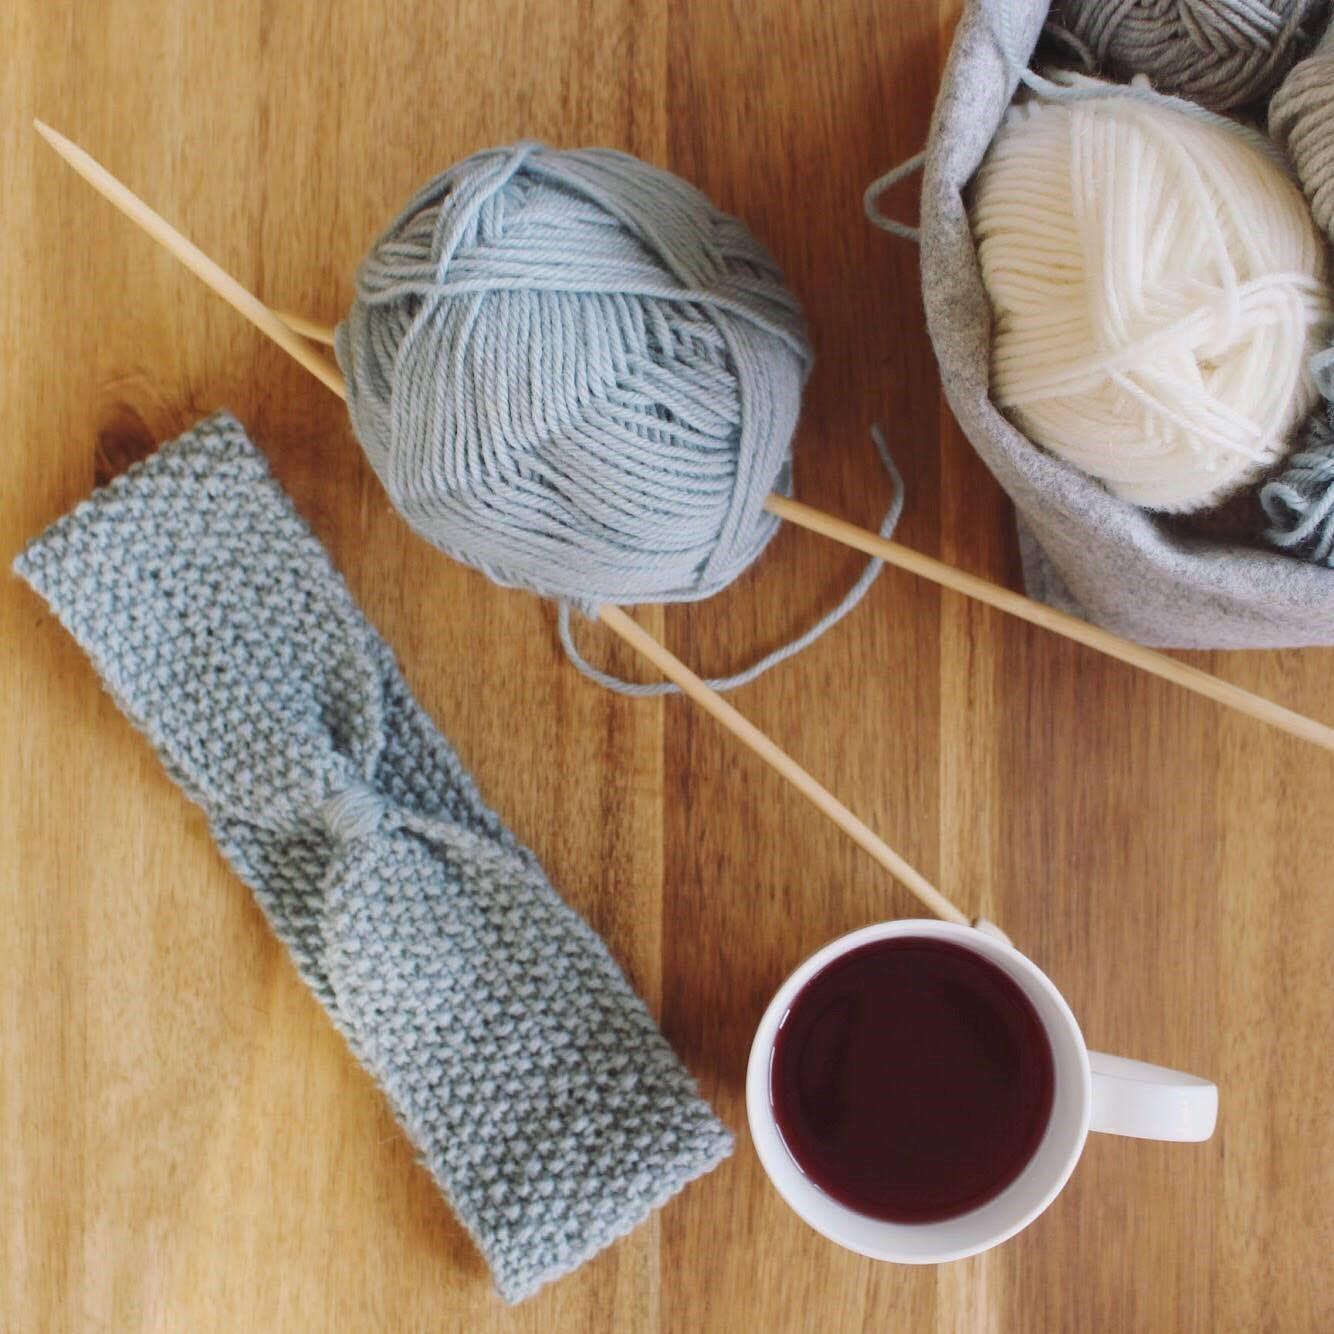 Knitting Class Zürich : Oder workshop stricken süssigkleid kinder